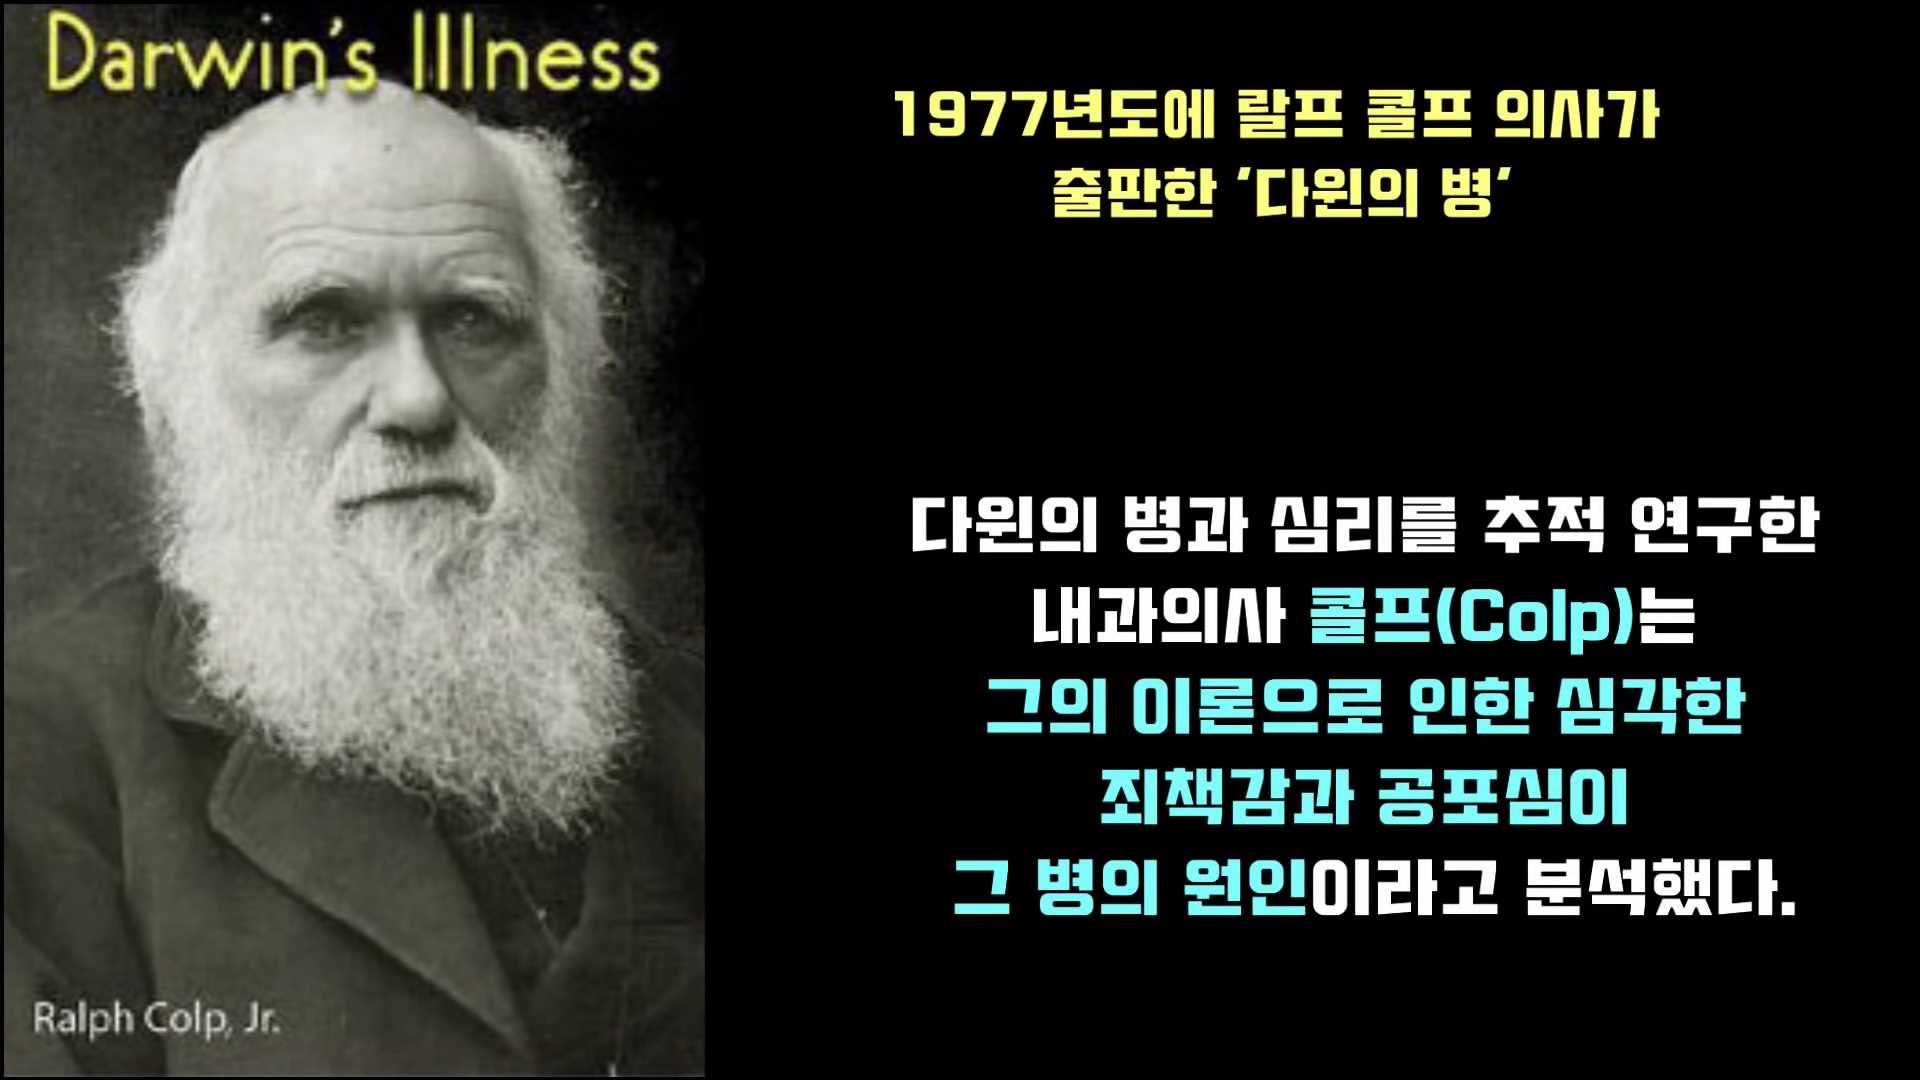 찰스 다윈의 인생과 그의 정신병.mp4_000419256.jpg